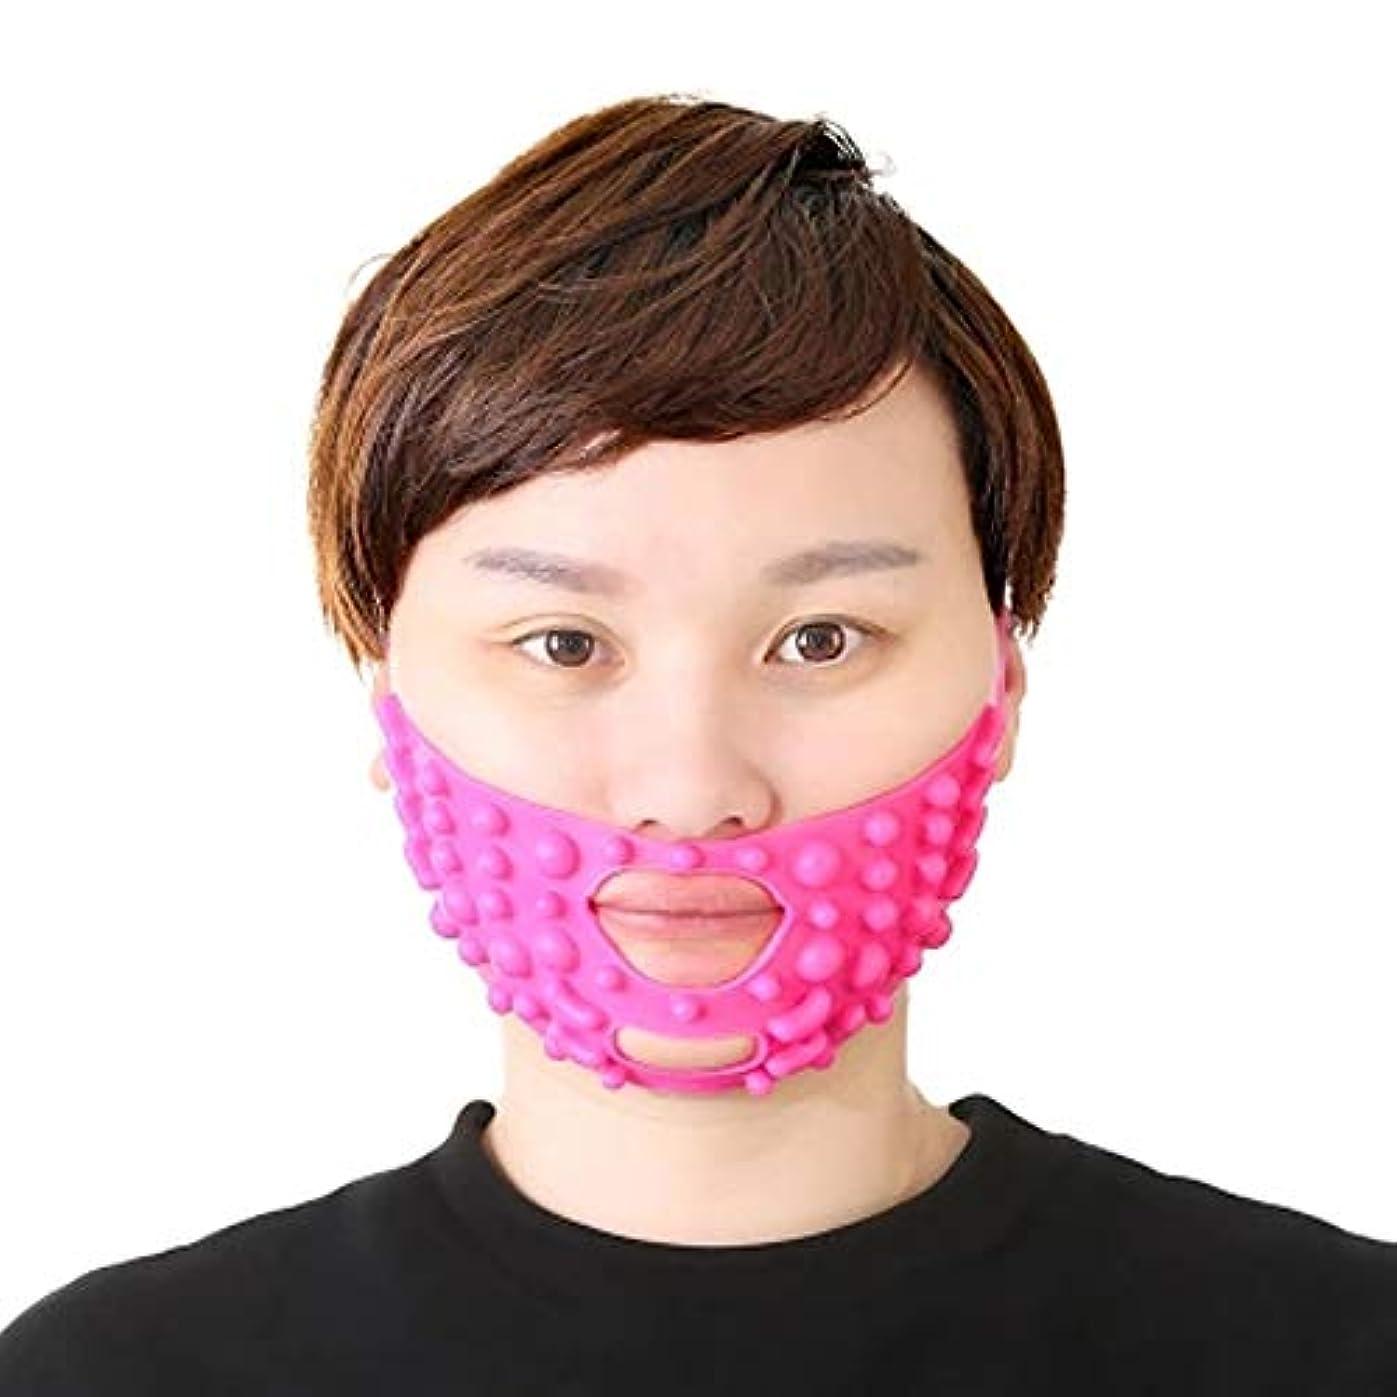 供給気楽な姓ダブルの顎のストラップ、顔のマッサージの包帯を持ち上げて持ち上げて小さなVフェイスのマスク薄い顔の人工物